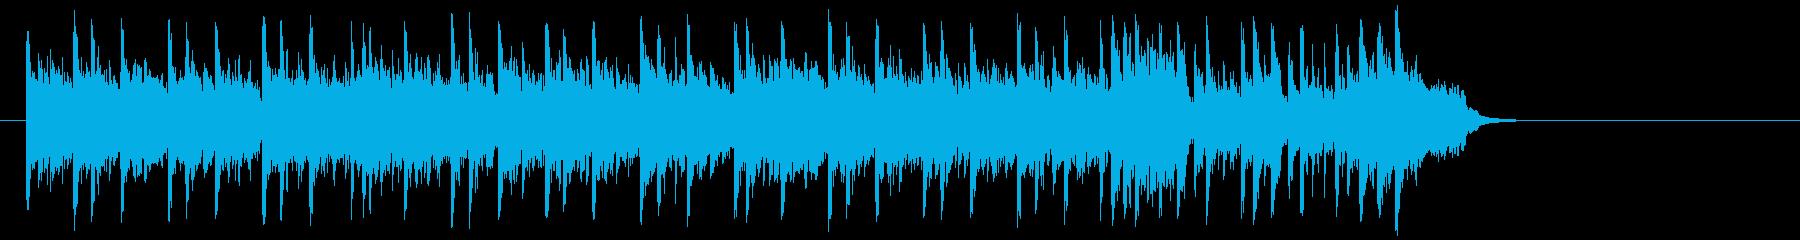 前向きで充実したポップ(サビ~エンド)の再生済みの波形